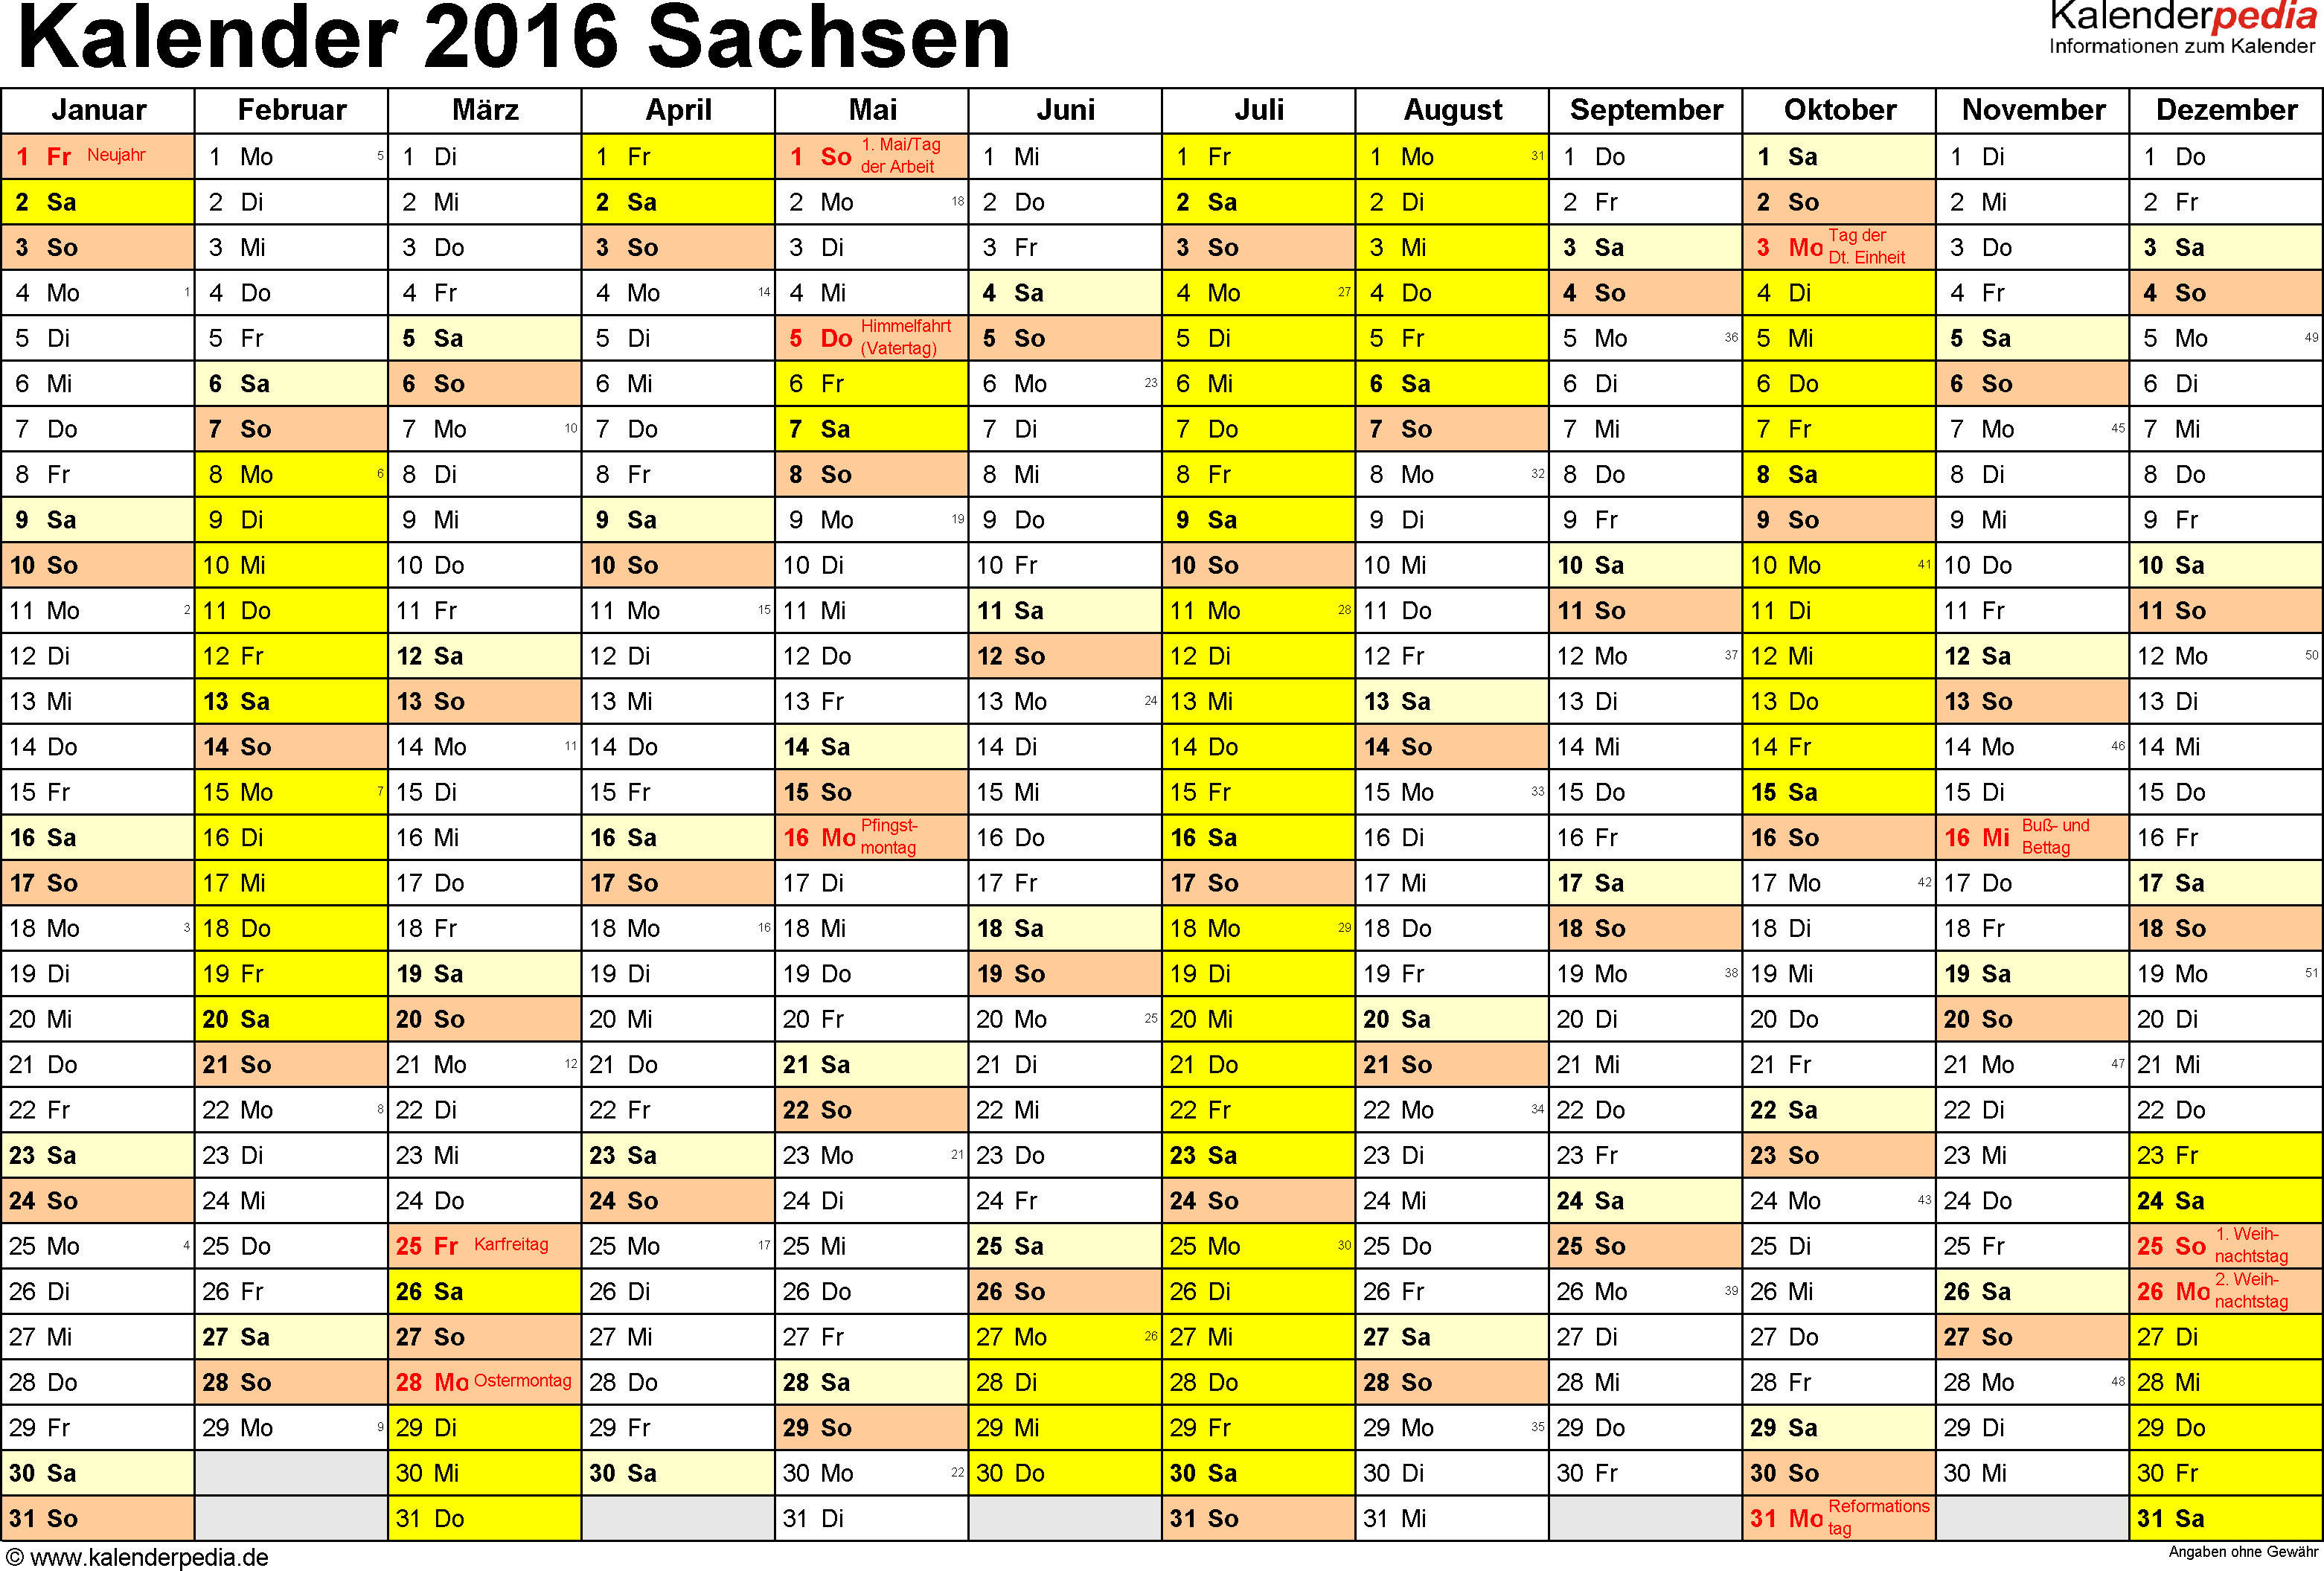 Vorlage 1: Kalender 2016 für Sachsen als PDF-Vorlage (Querformat, 1 Seite)